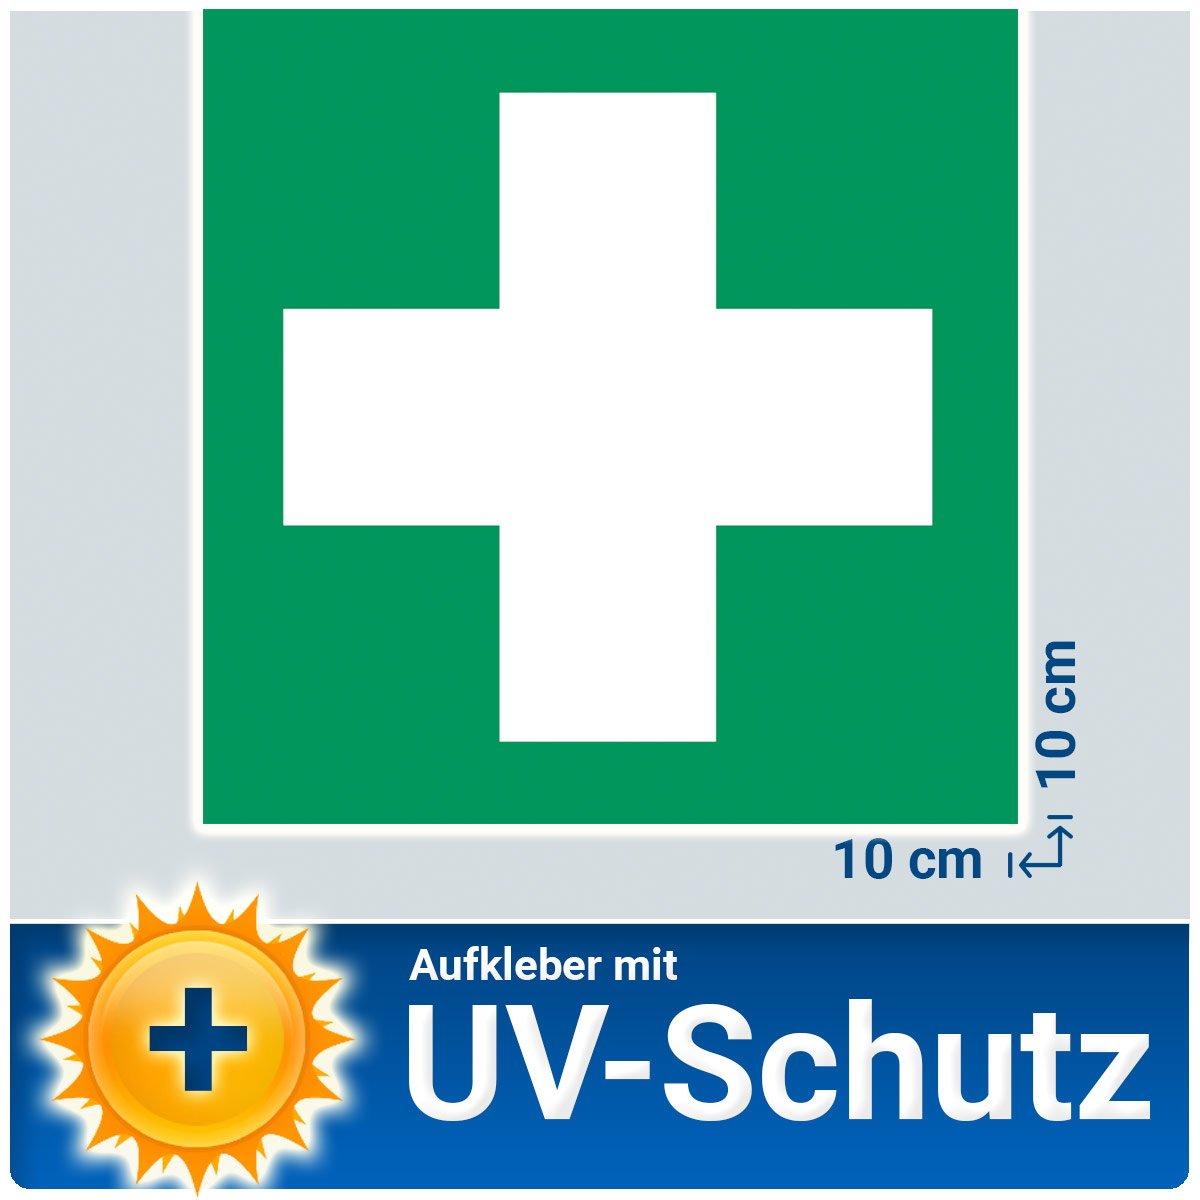 '5x Autocollants 'Première Aide Stickers caractères avec protection UV stratifié (Outdoor), 10x 10cm, boîte de bandages de sécurité compatible autocollant vert croix plaque signalétique, car